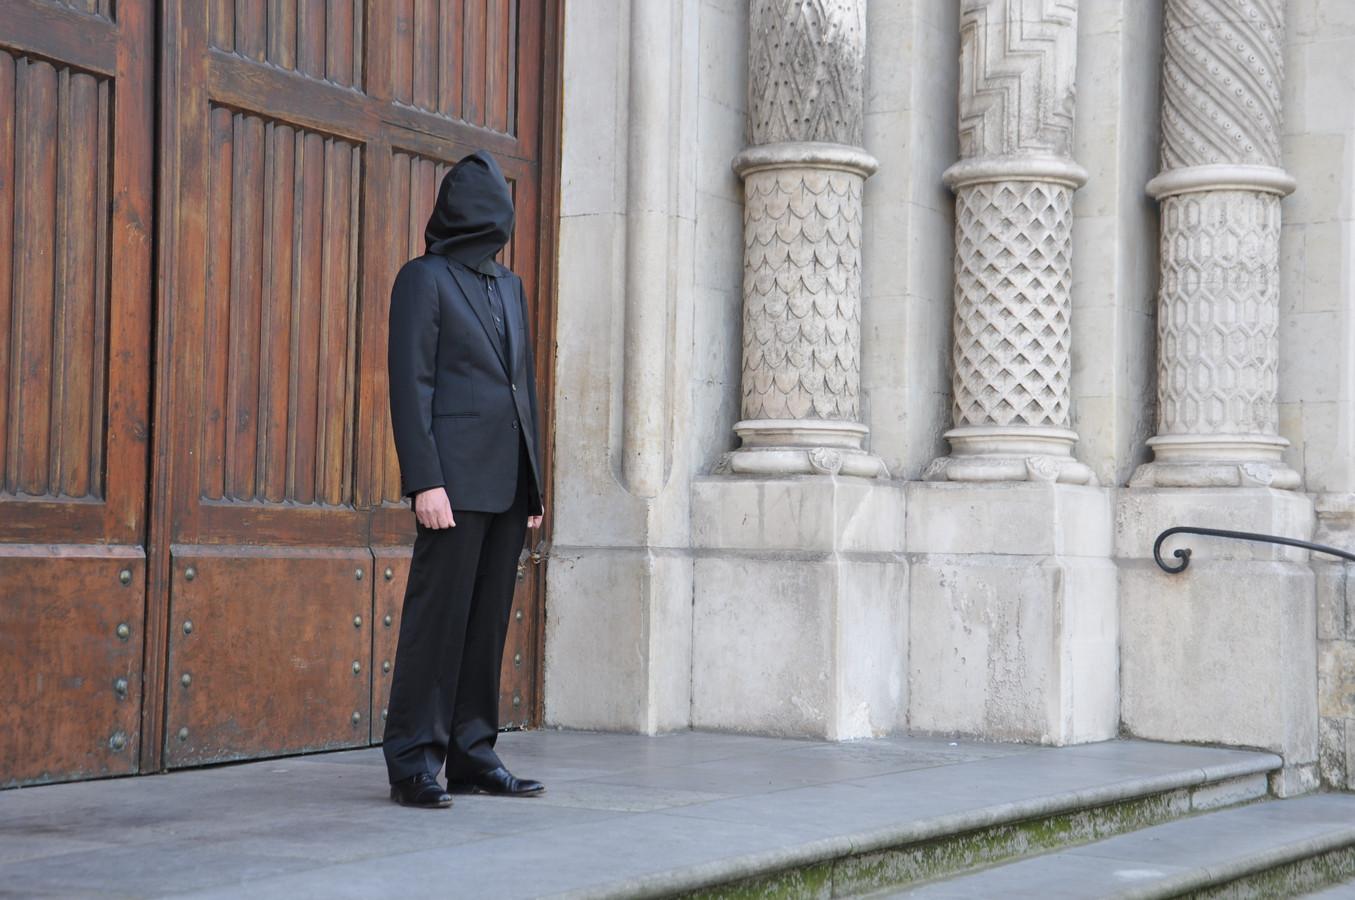 De kunstenaar stond een uur lang stil voor de ingang van de Sint-Annakerk uit protest tegen de herbestemming.